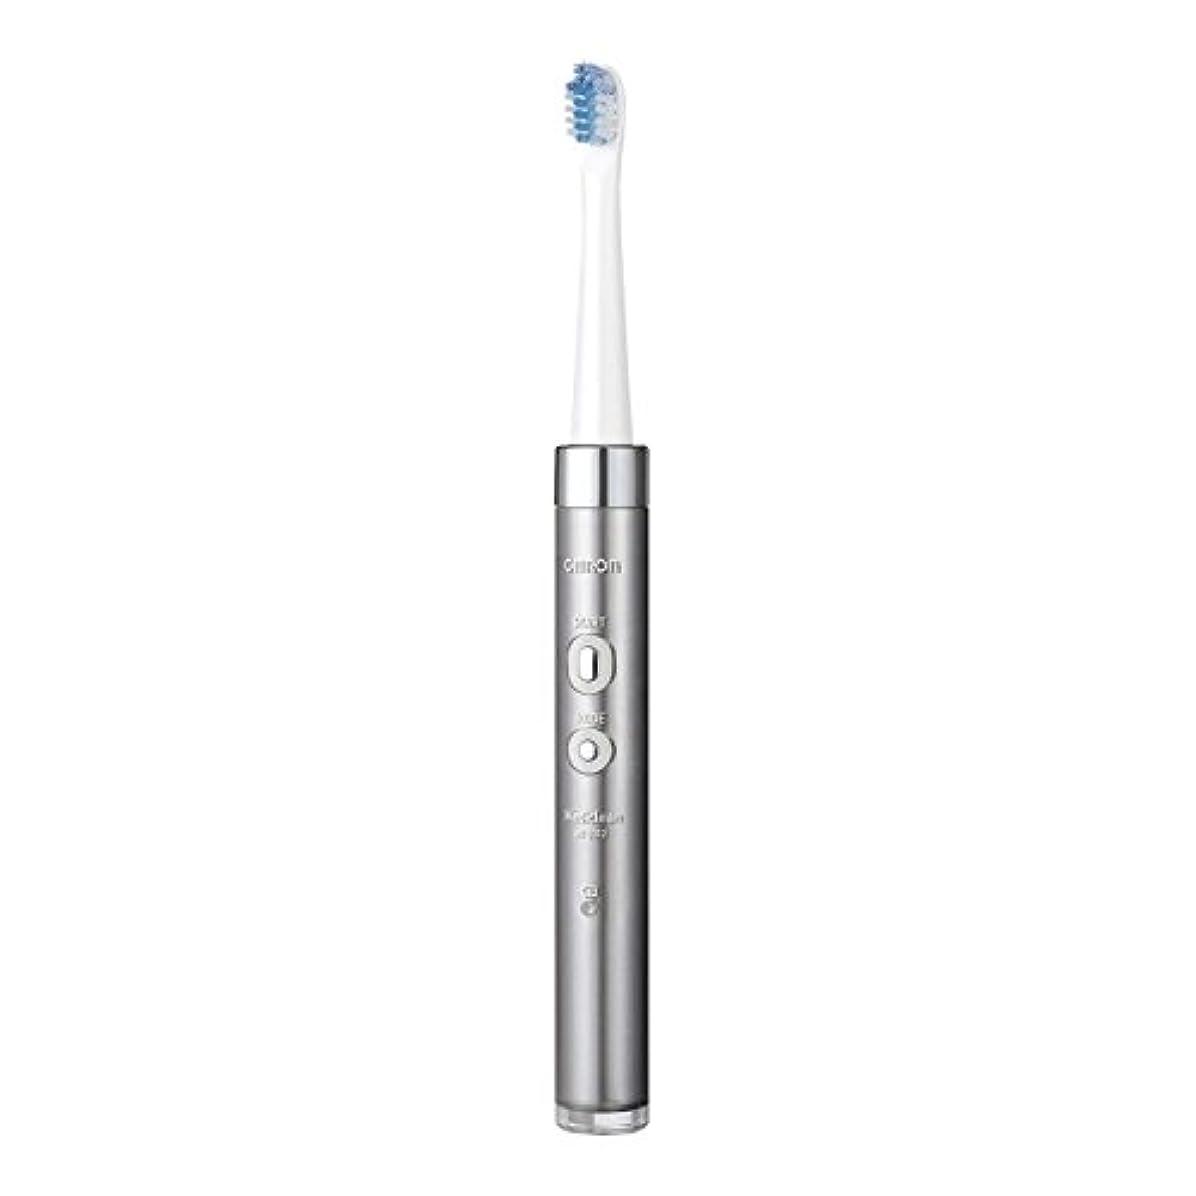 意図確執変装オムロンヘルスケア 音波式電動歯ブラシ HT-B312-SL シルバー